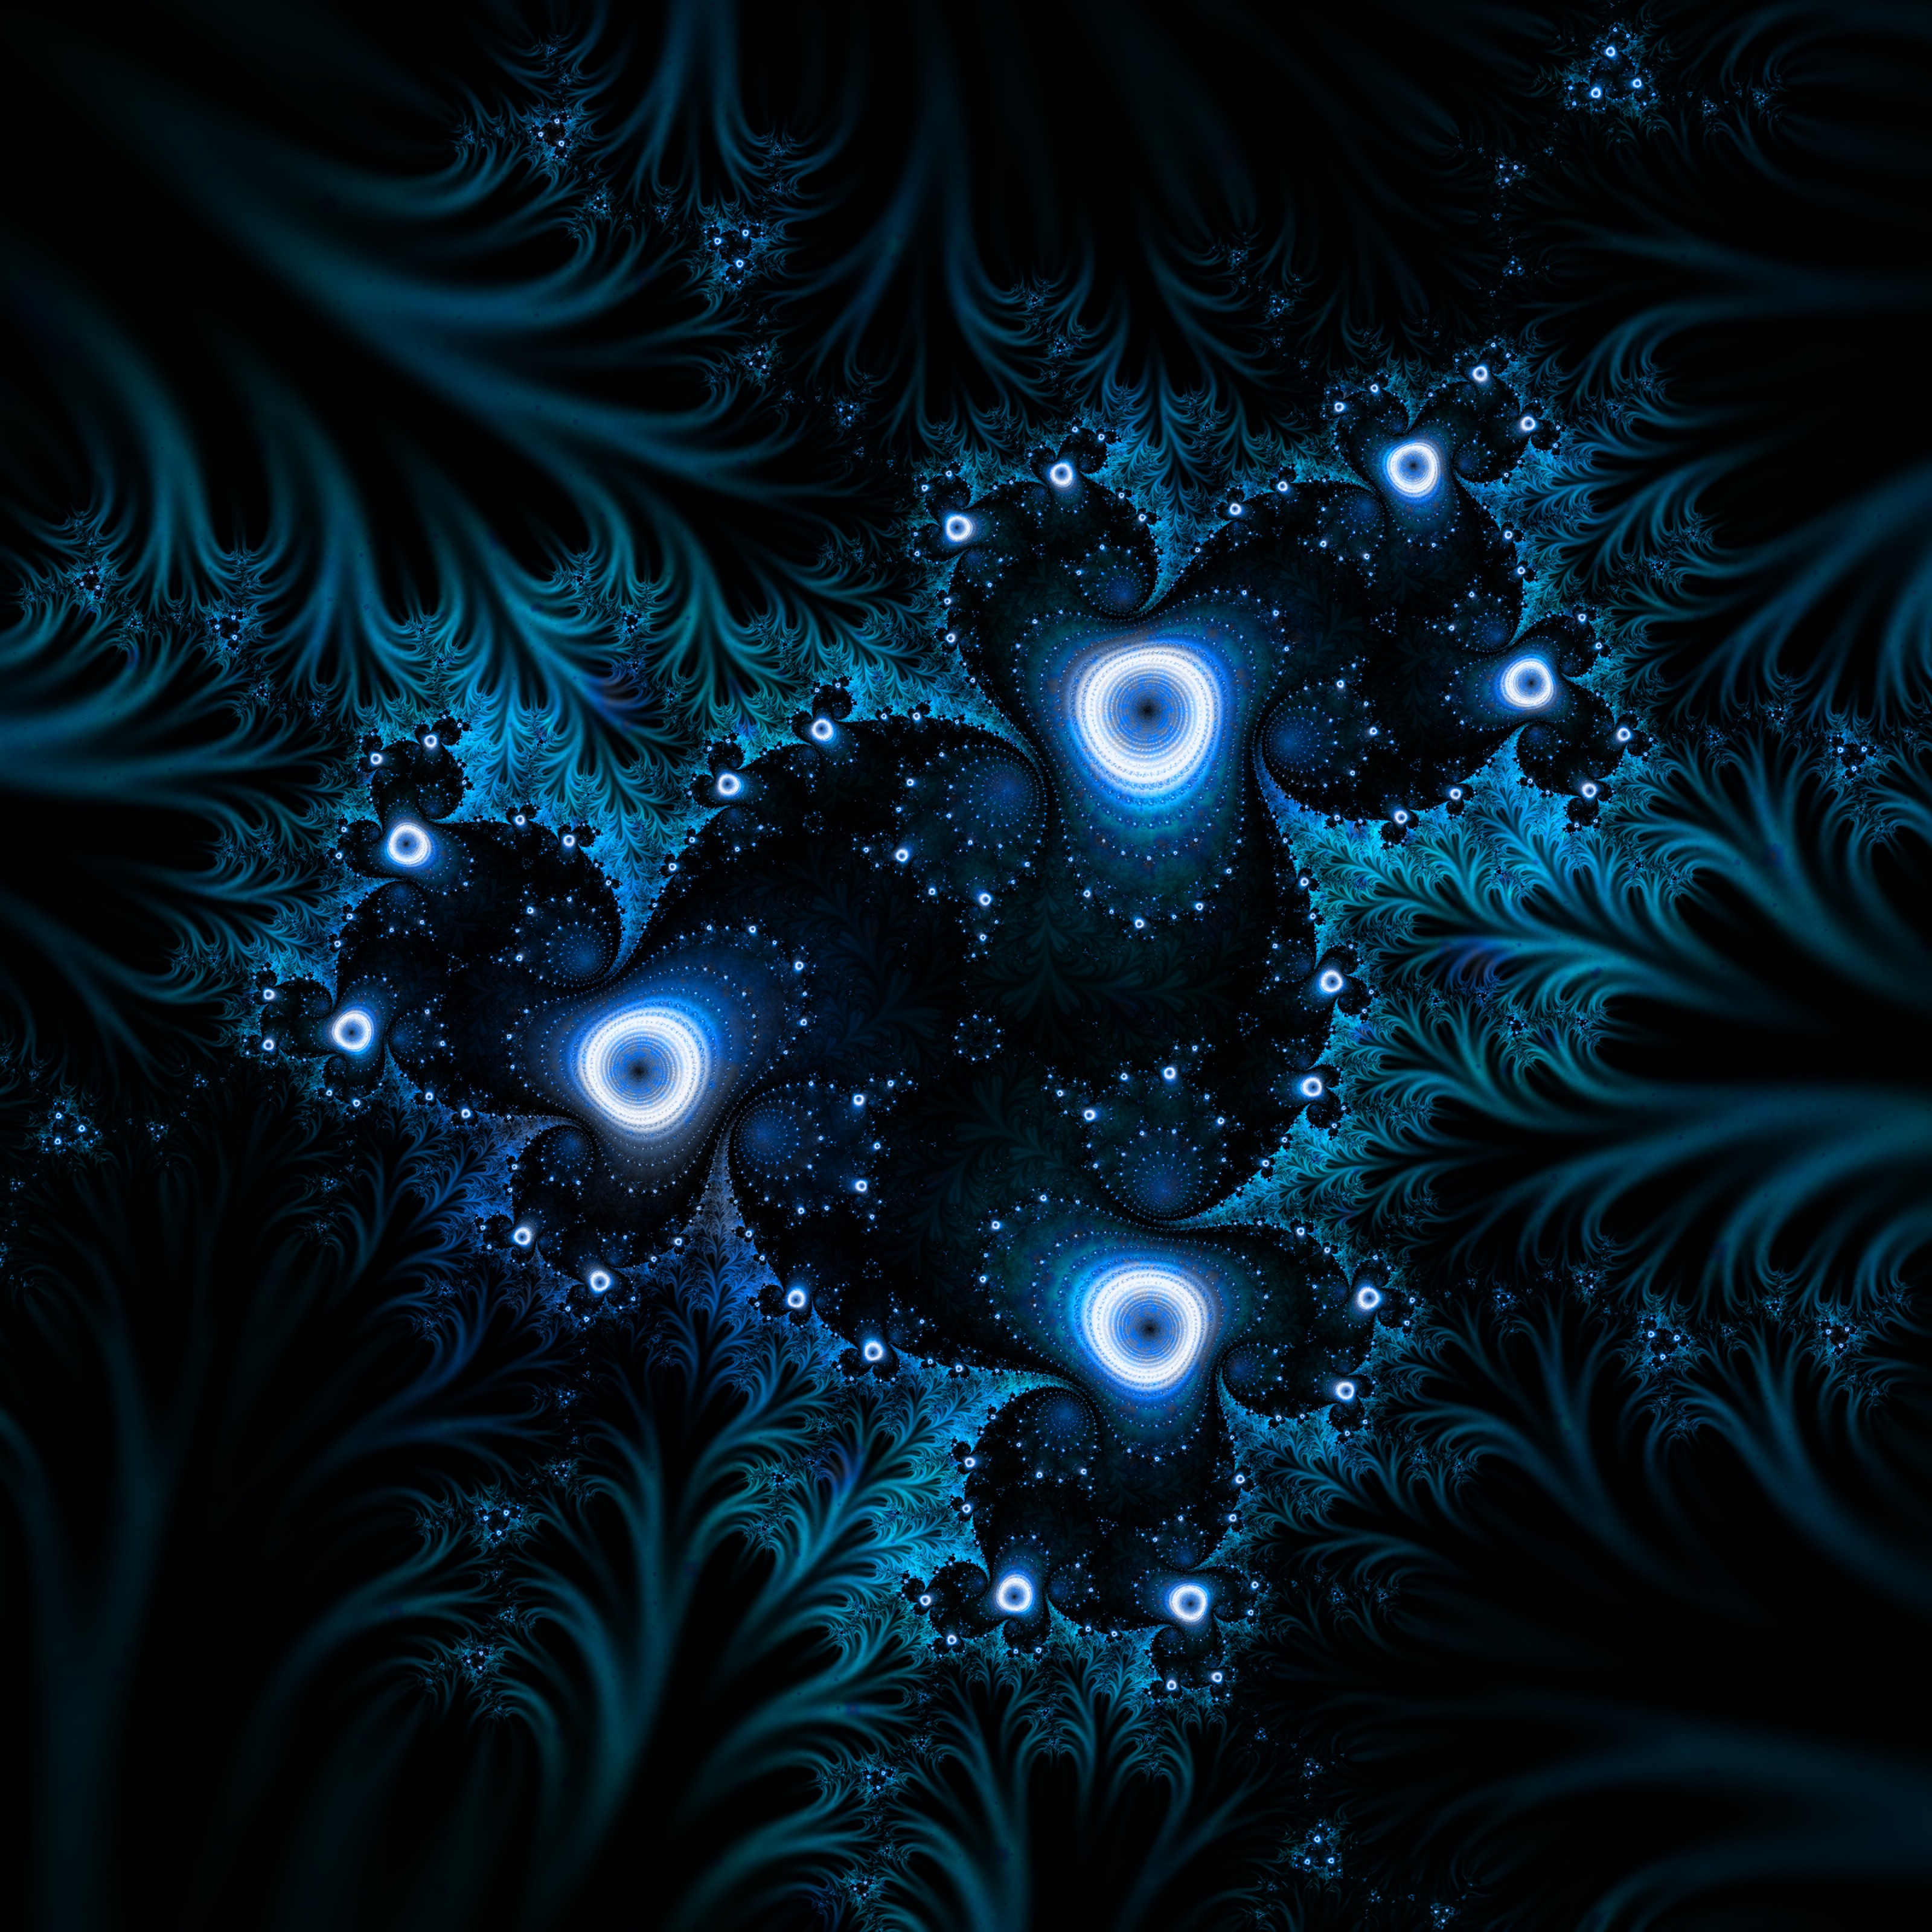 113780 Hintergrundbild herunterladen Abstrakt, Dunkel, Fraktale, Glühen, Glow, Verwirrt, Komplizierte - Bildschirmschoner und Bilder kostenlos